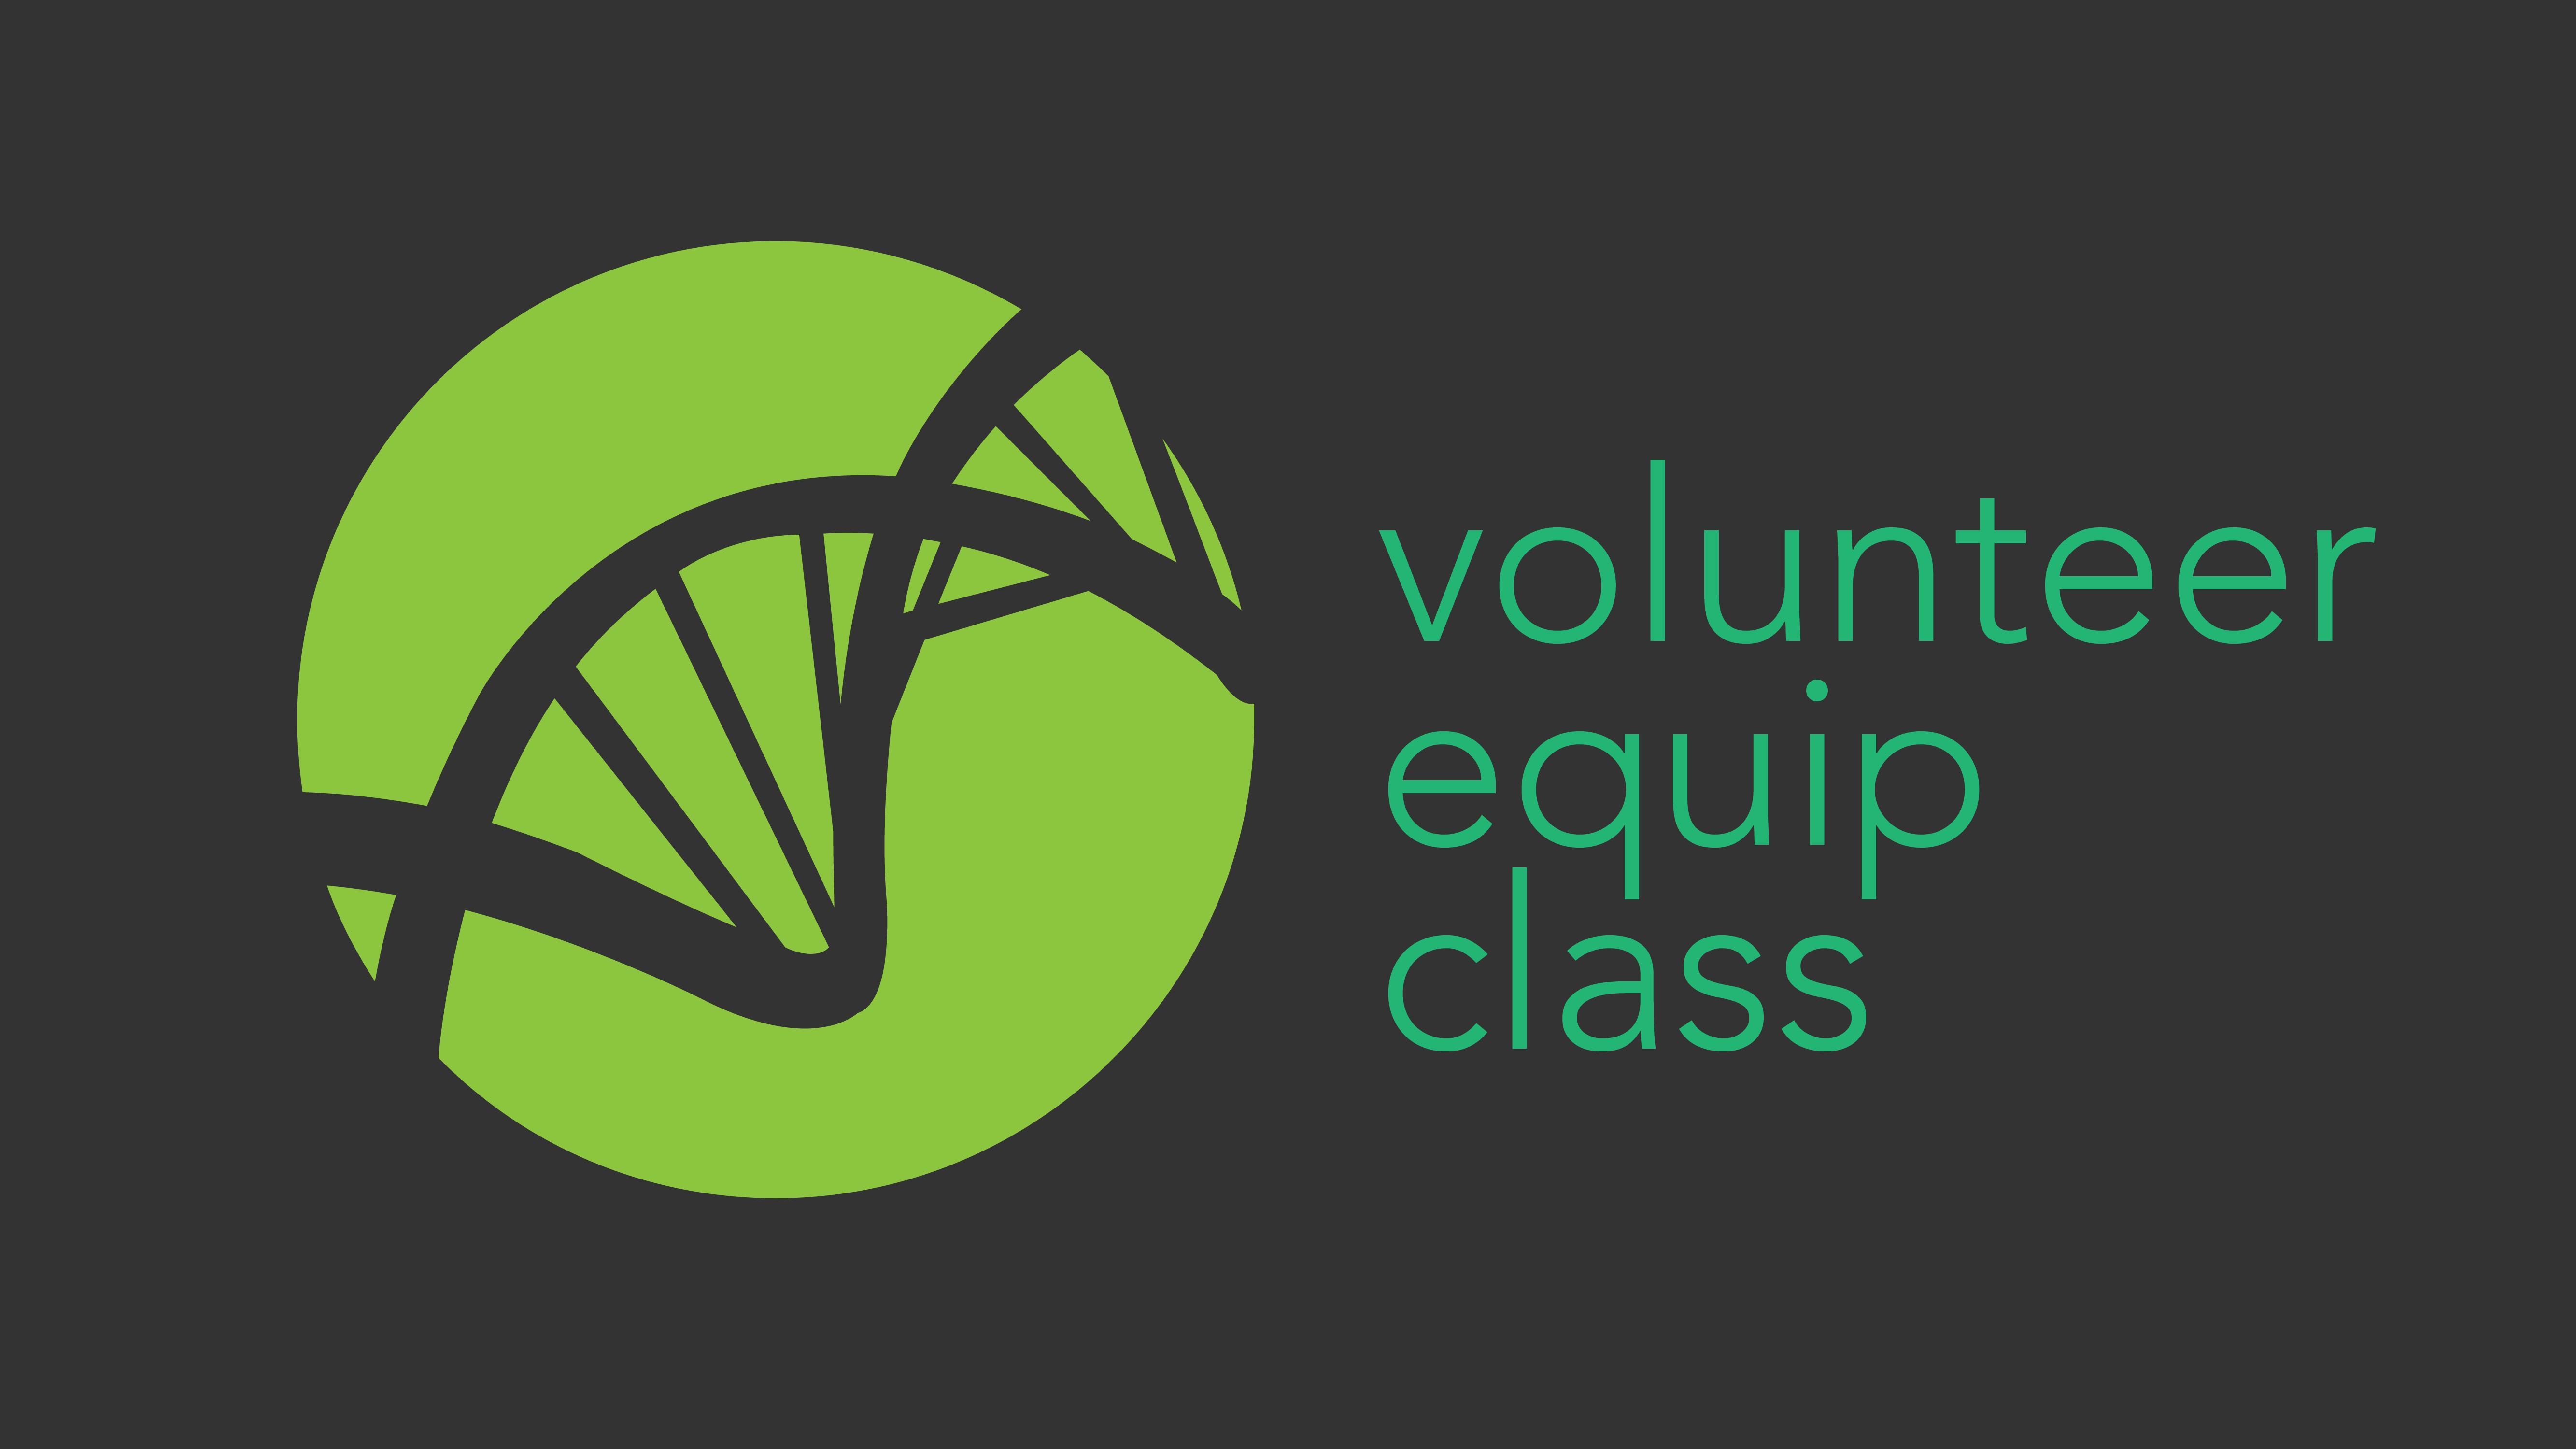 Volunteer equip class web wc 0